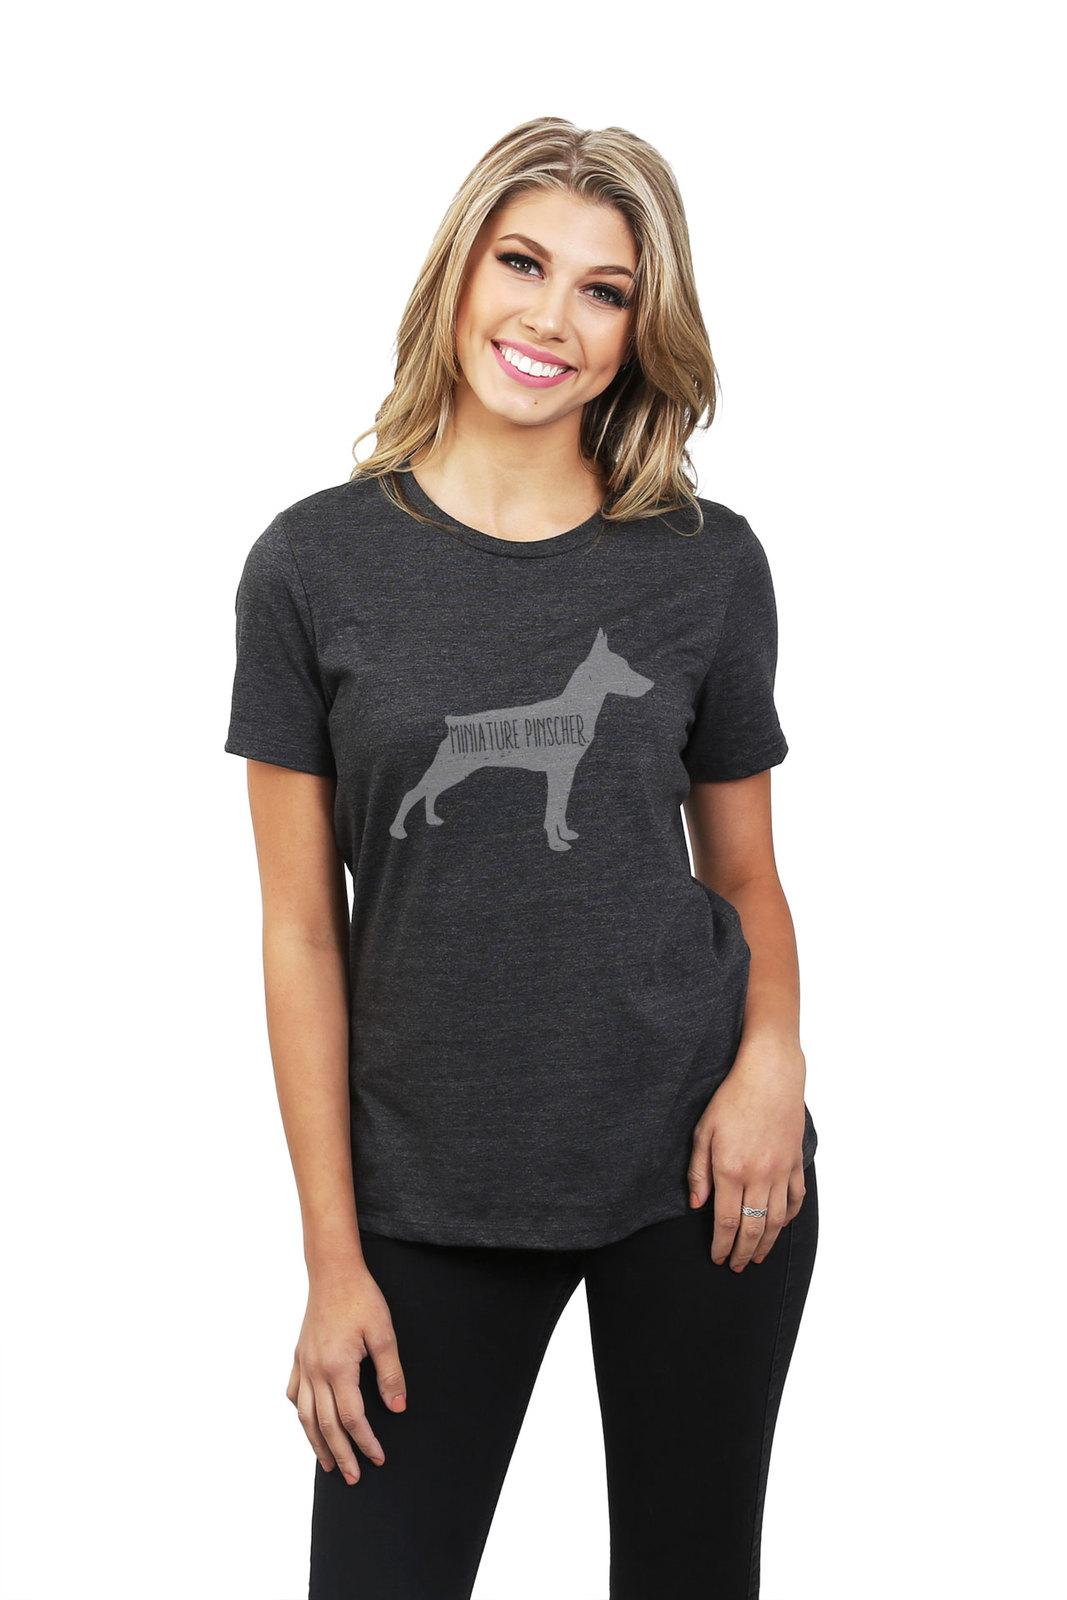 Thread Tank Miniature Pinscher Dog Silhouette Women's Relaxed T-Shirt Tee Charco